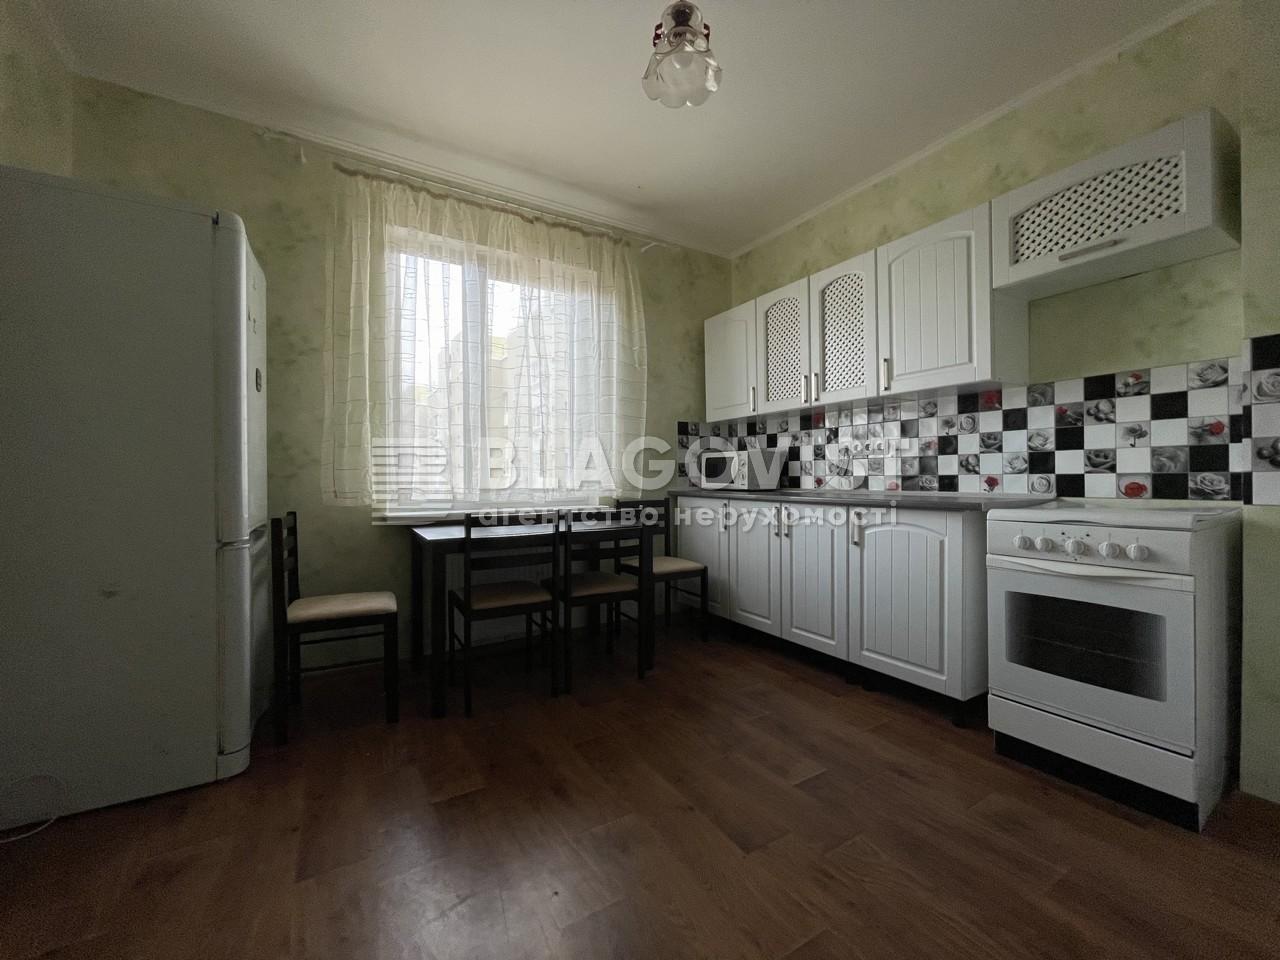 Квартира A-112426, Данченко Сергея, 5, Киев - Фото 10